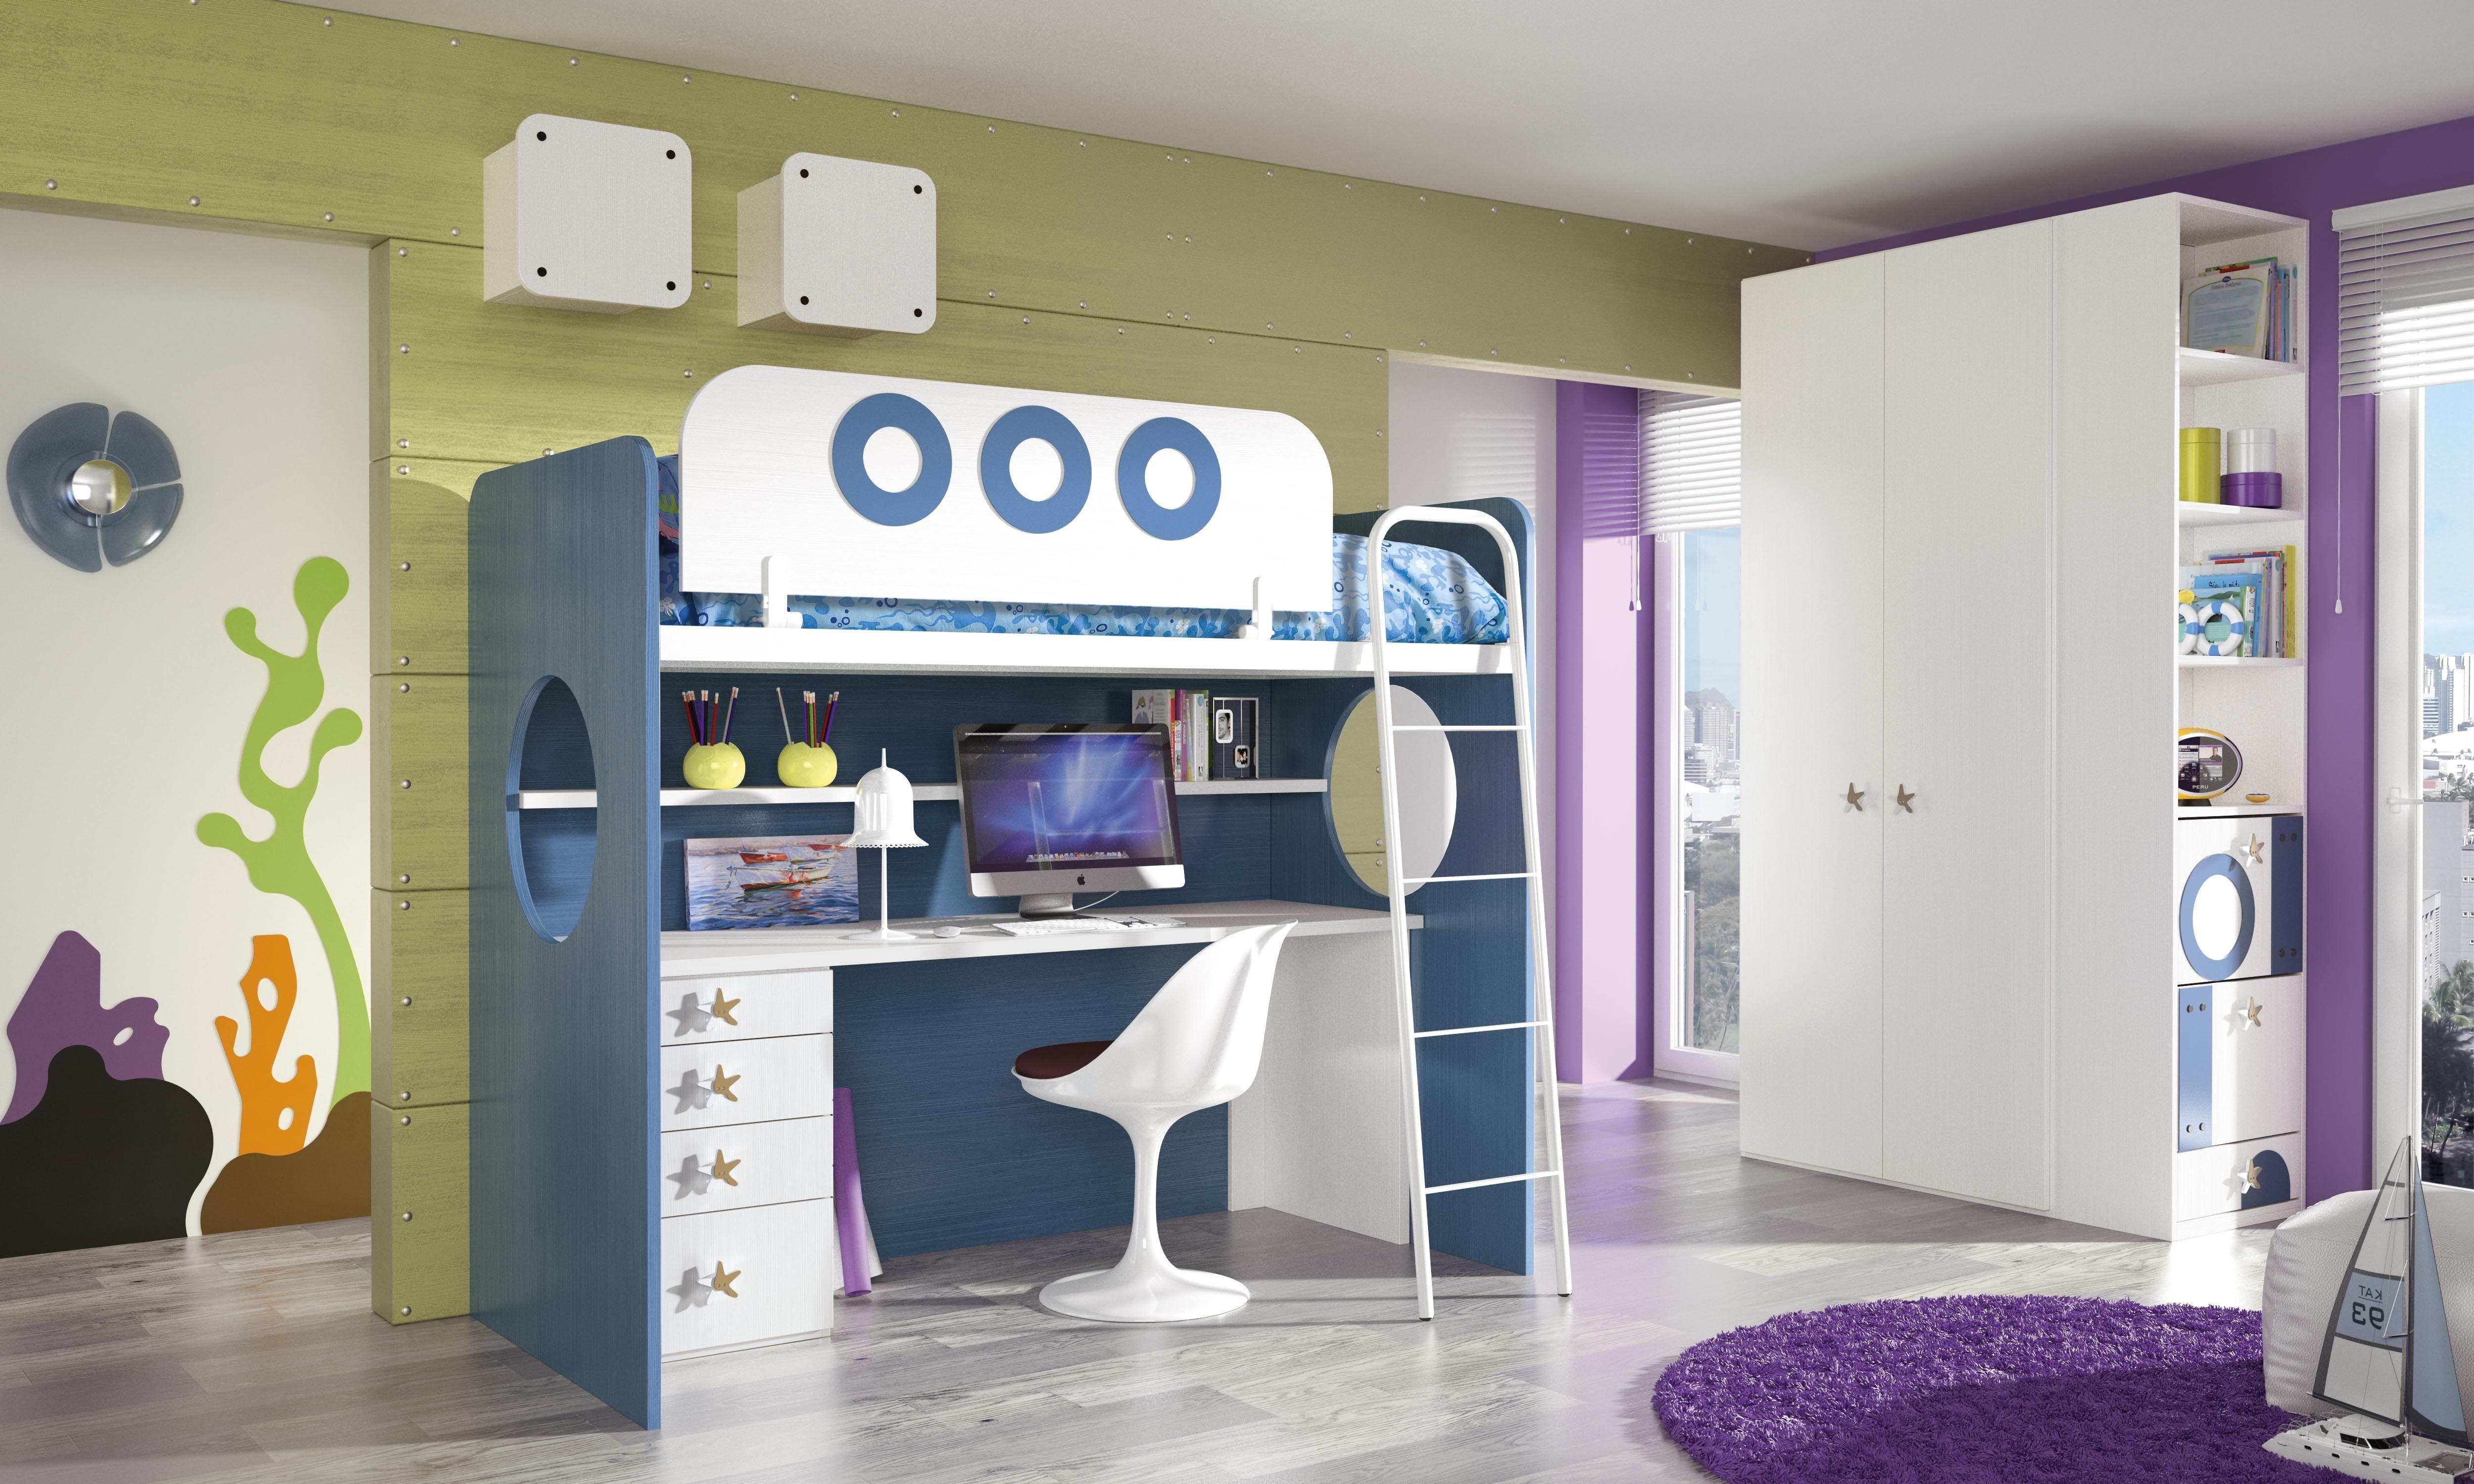 Habitaciones infantiles tem ticas dibujos animados bob8 fondo del mar seabed pinterest - Habitaciones infantiles tematicas ...